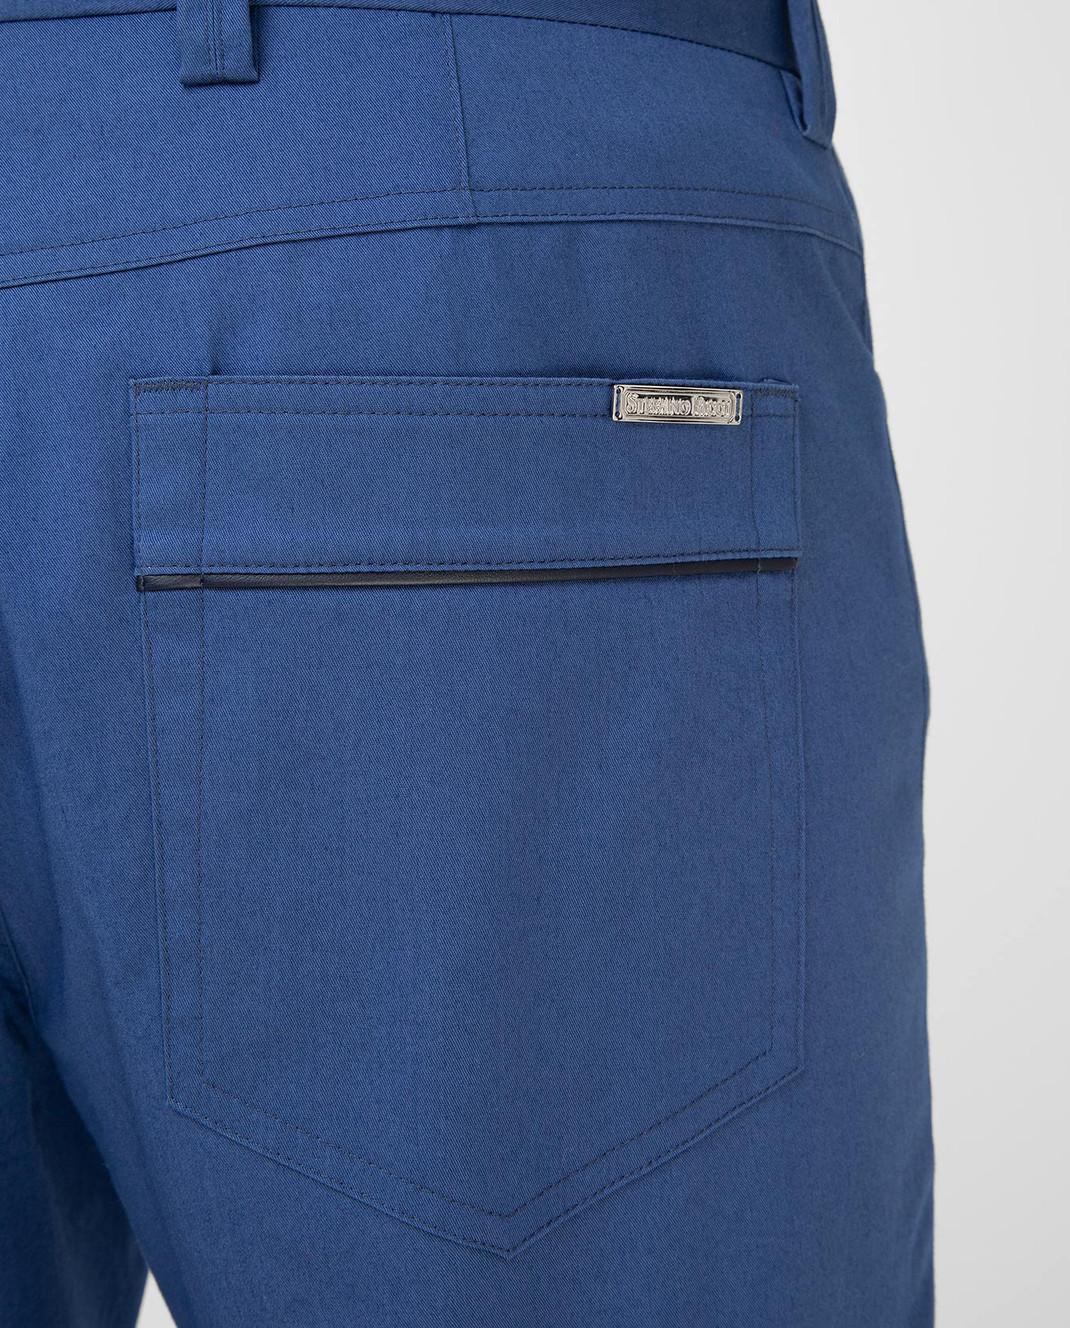 Stefano Ricci Синие брюки M1T8100020 изображение 5